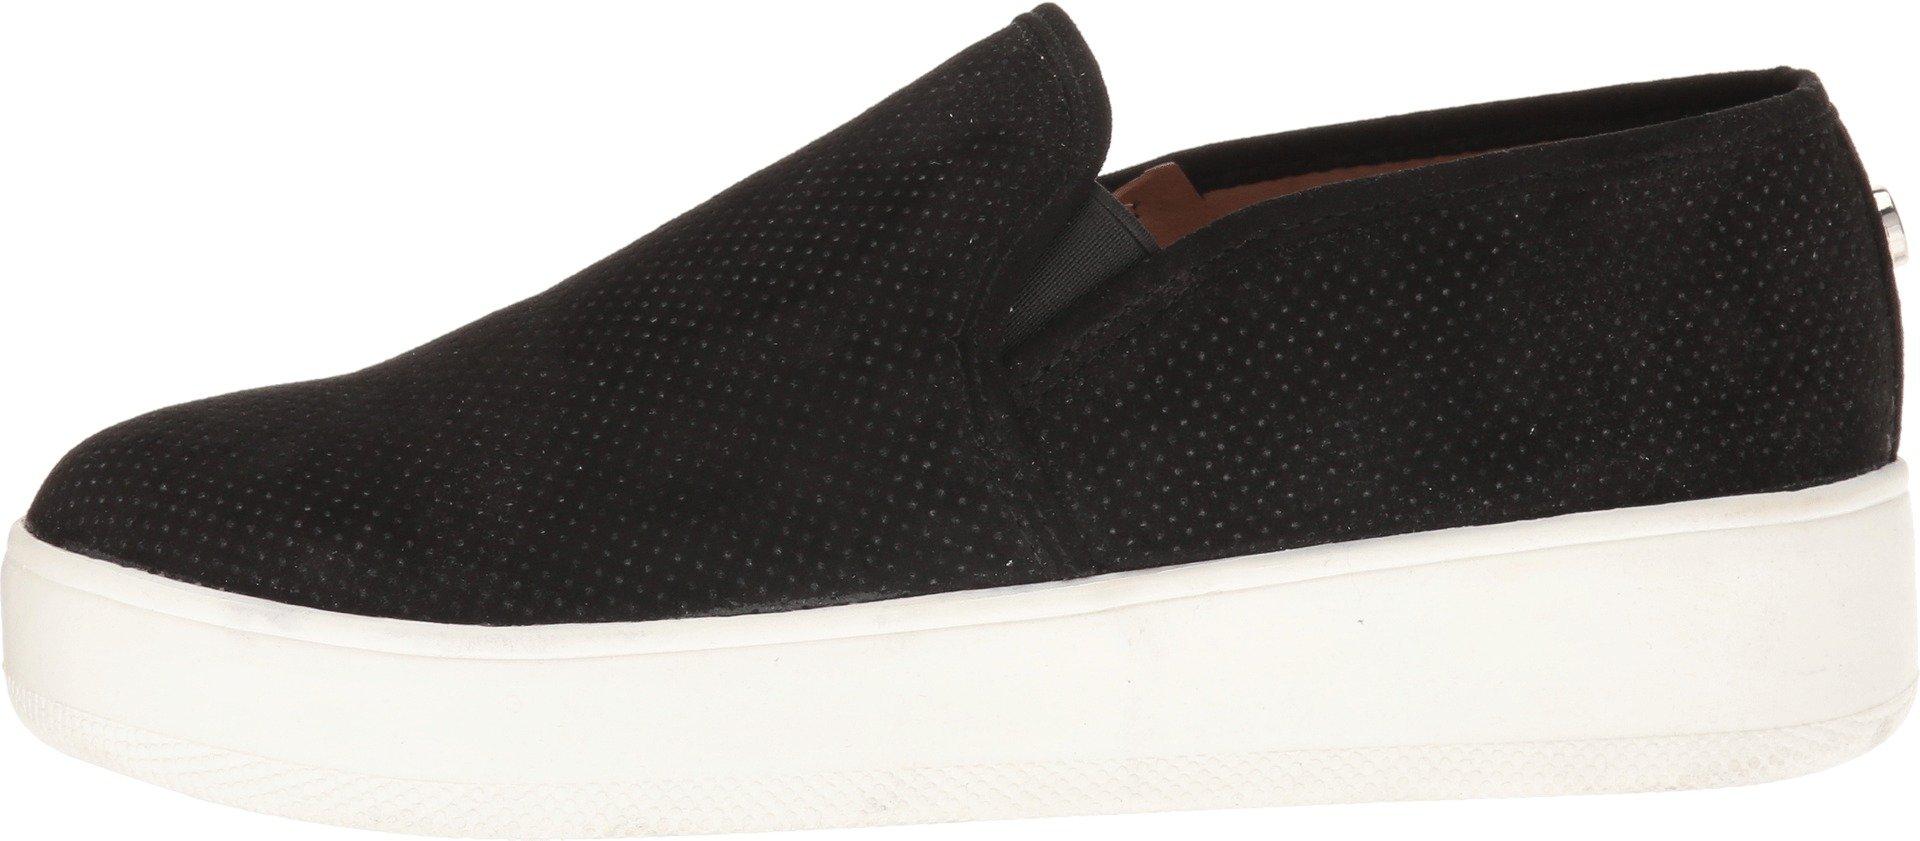 Steve Madden Women's Gracy Slip-on Sneaker